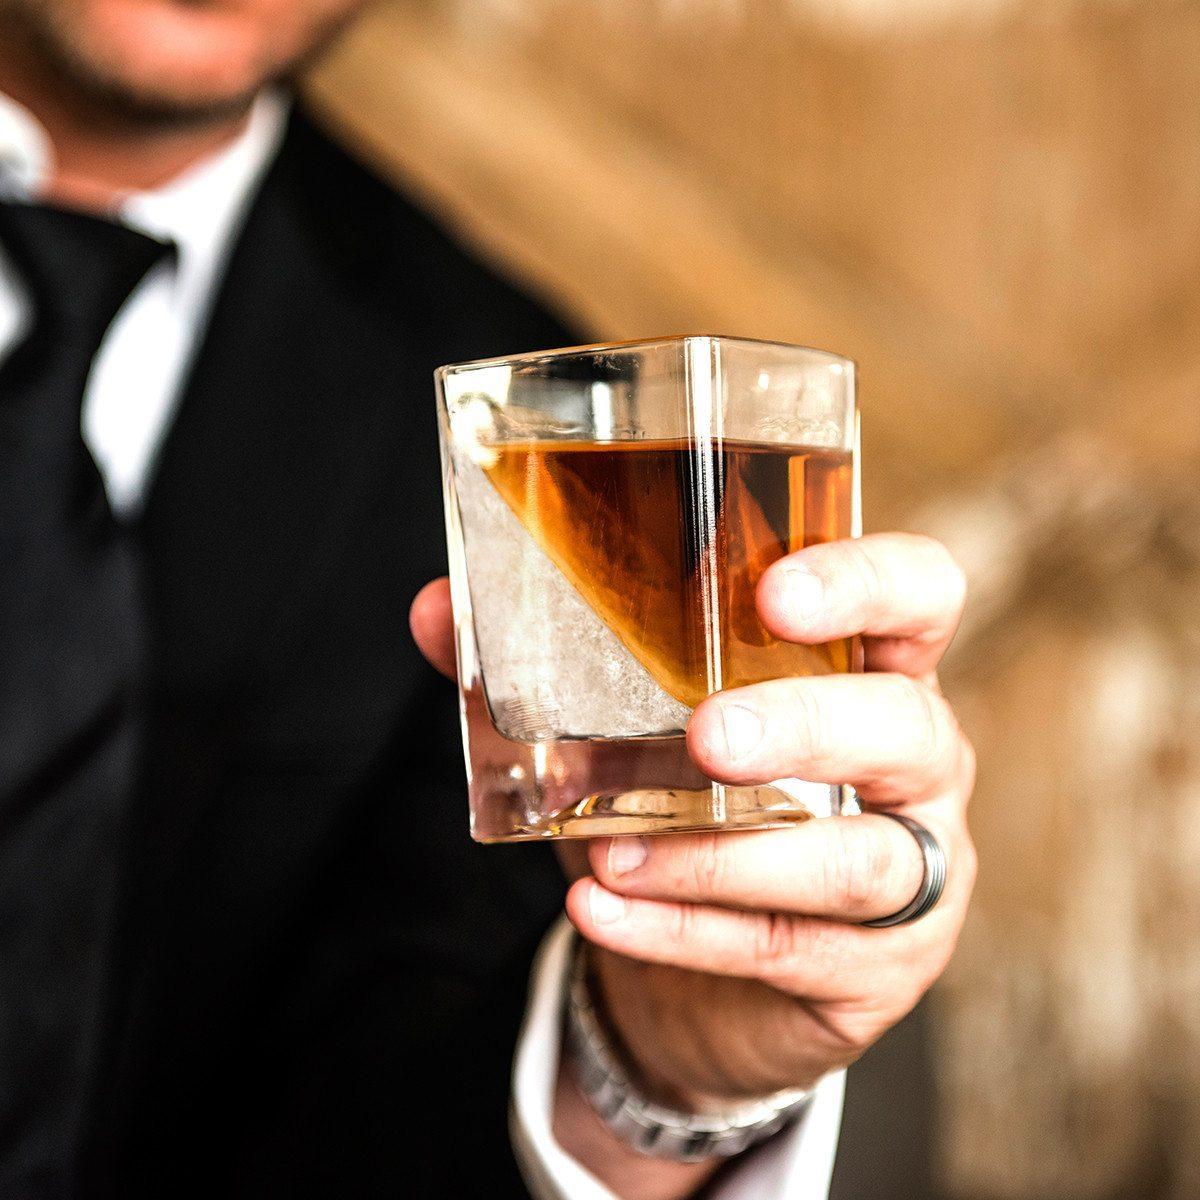 Whisky Wedge - Für den perfekt gekühlten Whisky